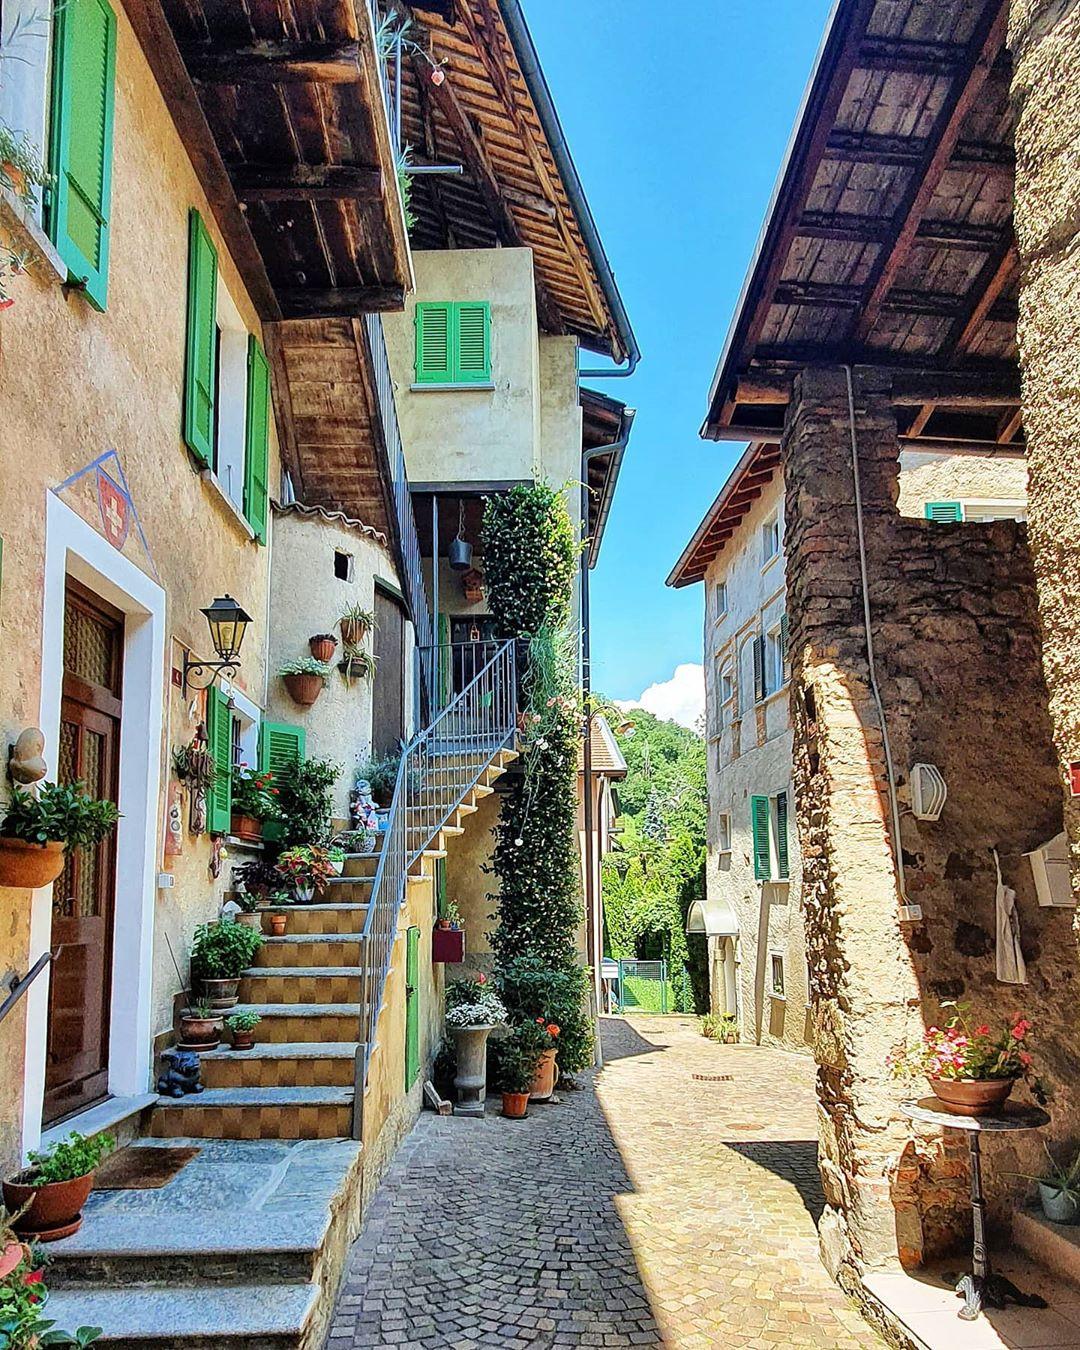 Qué ver en Lugano, un sinfín de posibilidades